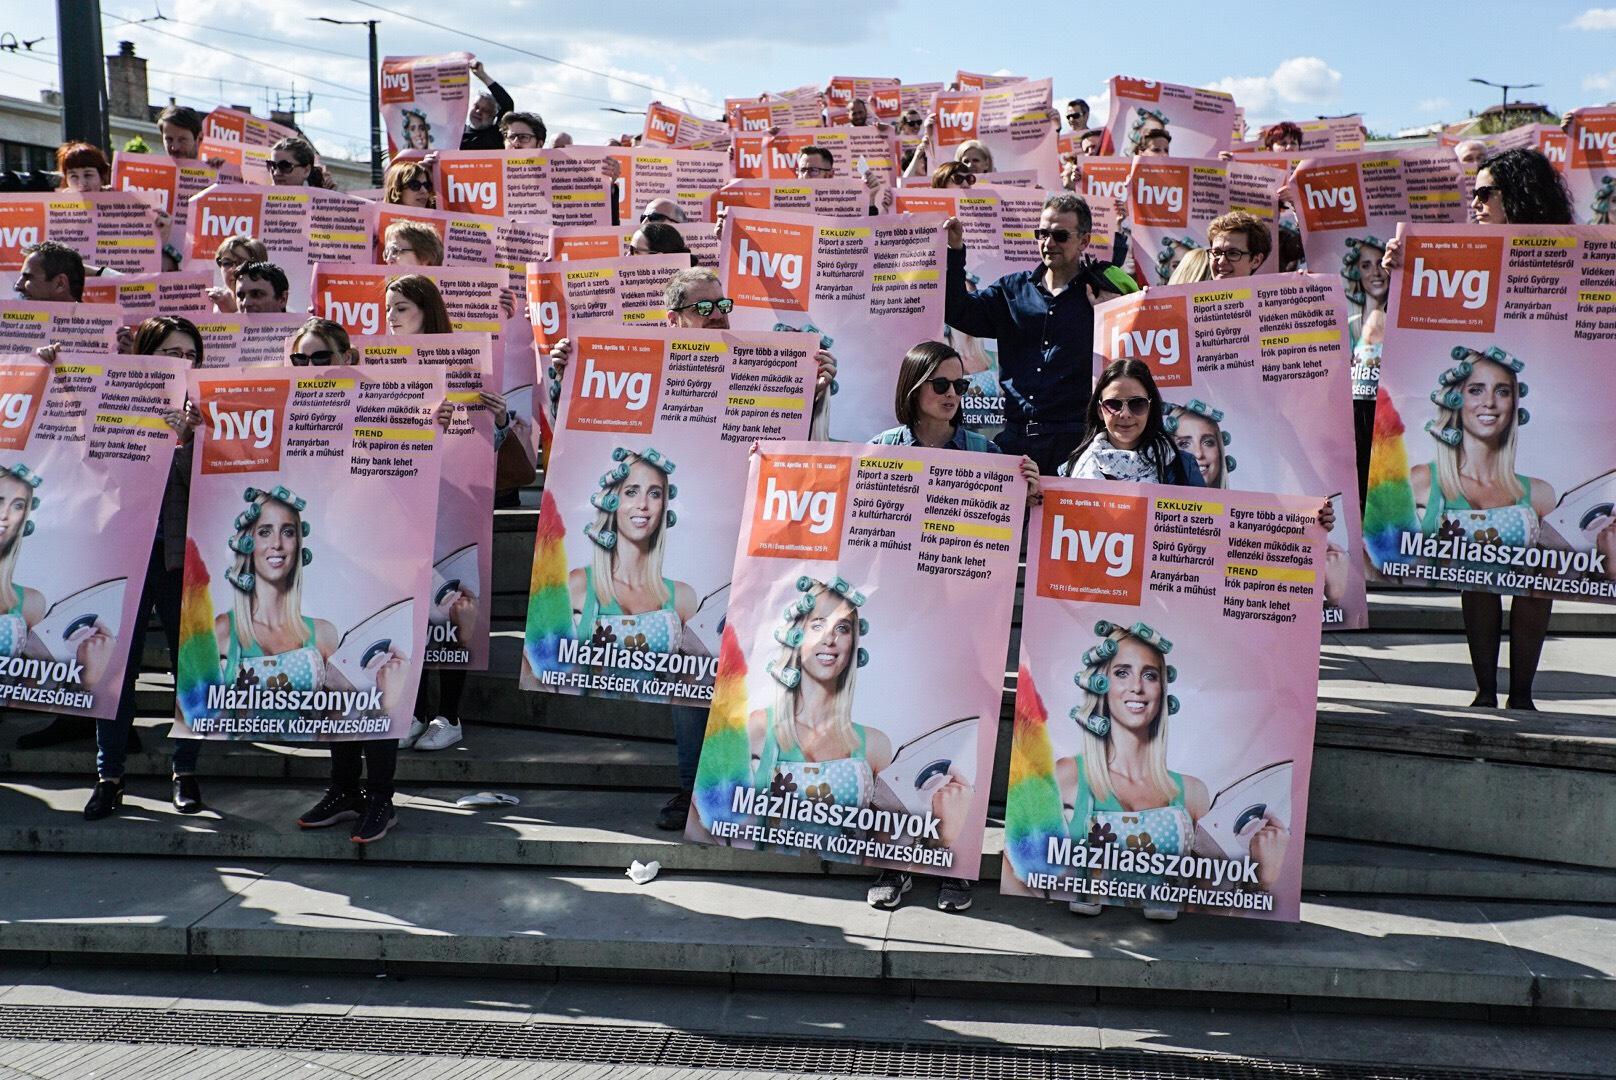 A HVG-sek kivitték a Széll Kálmán térre a címlapplakátokat, amiket a Mahir nem hajlandó kitenni